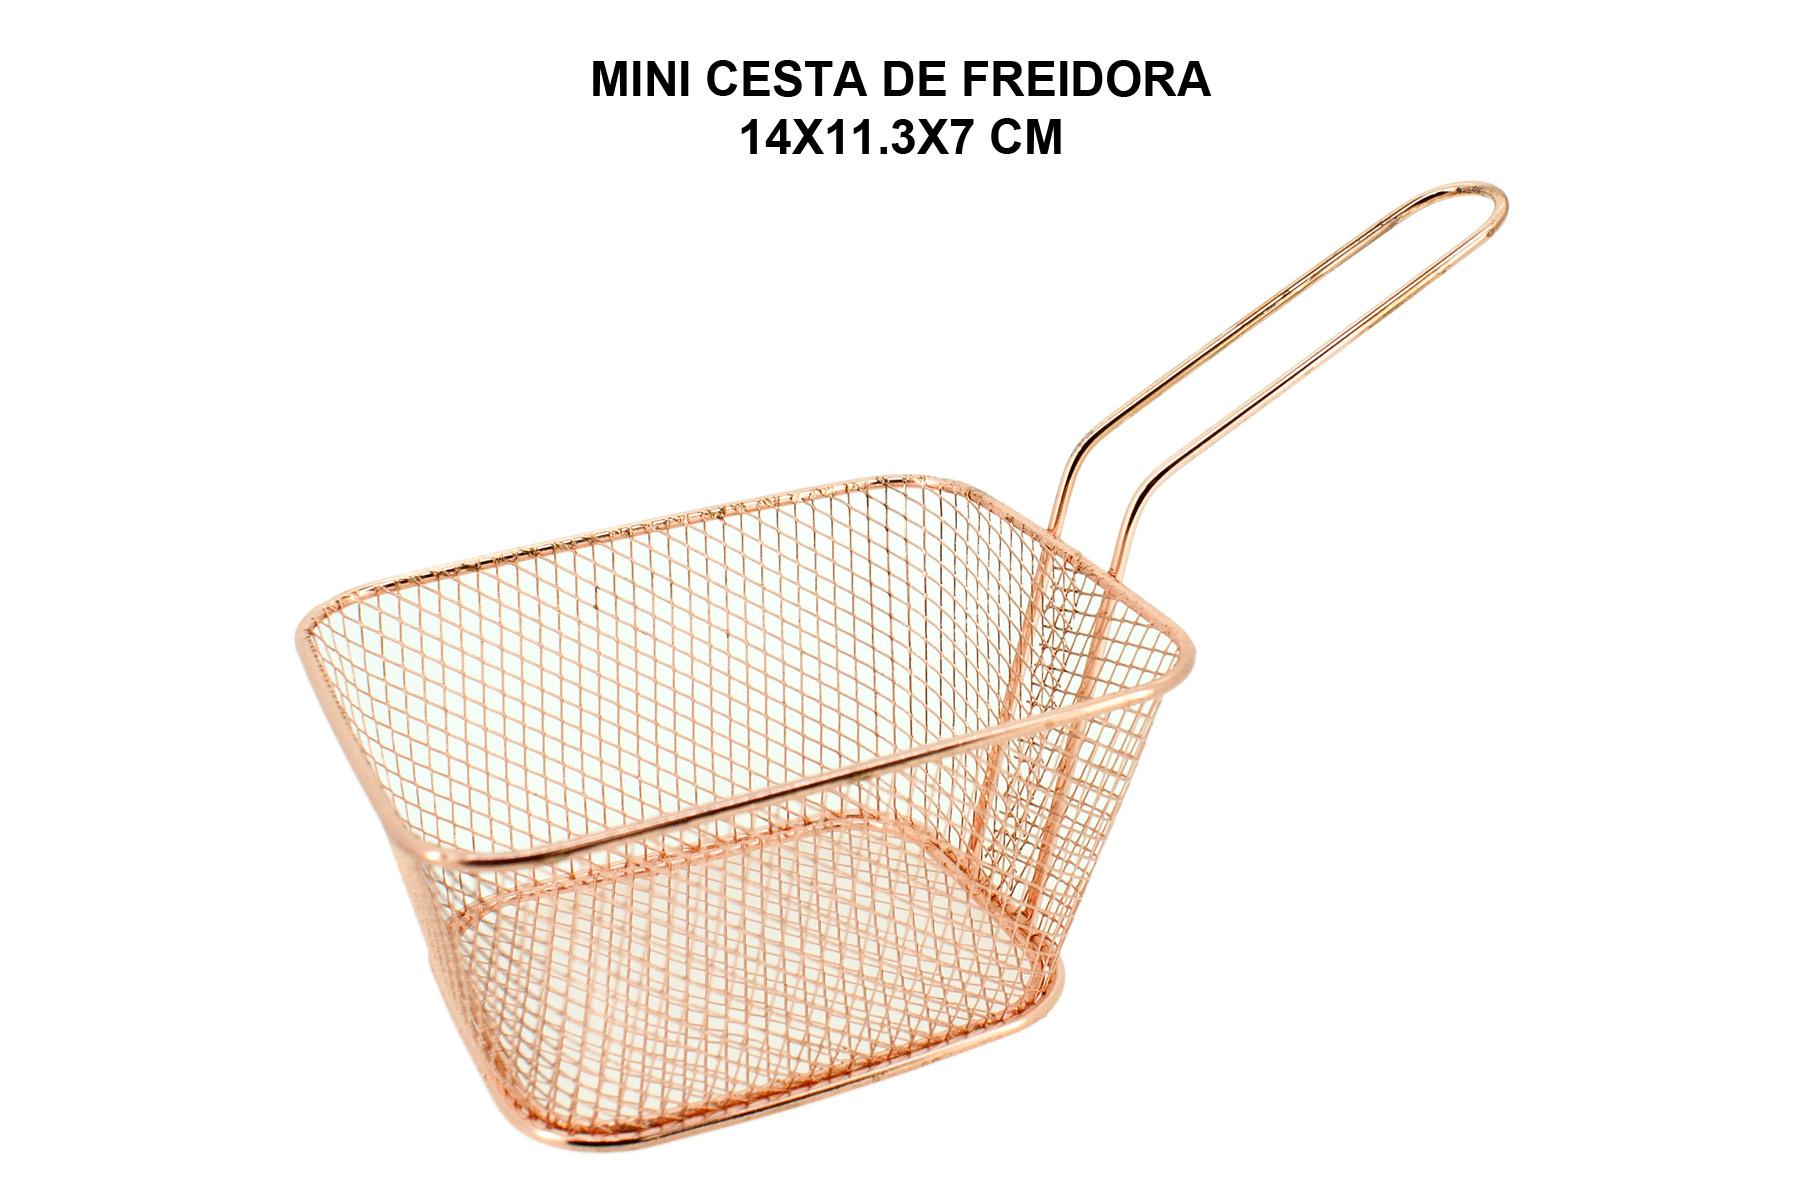 MINI CESTA DE FREIDORA 14X11.3X7 CM